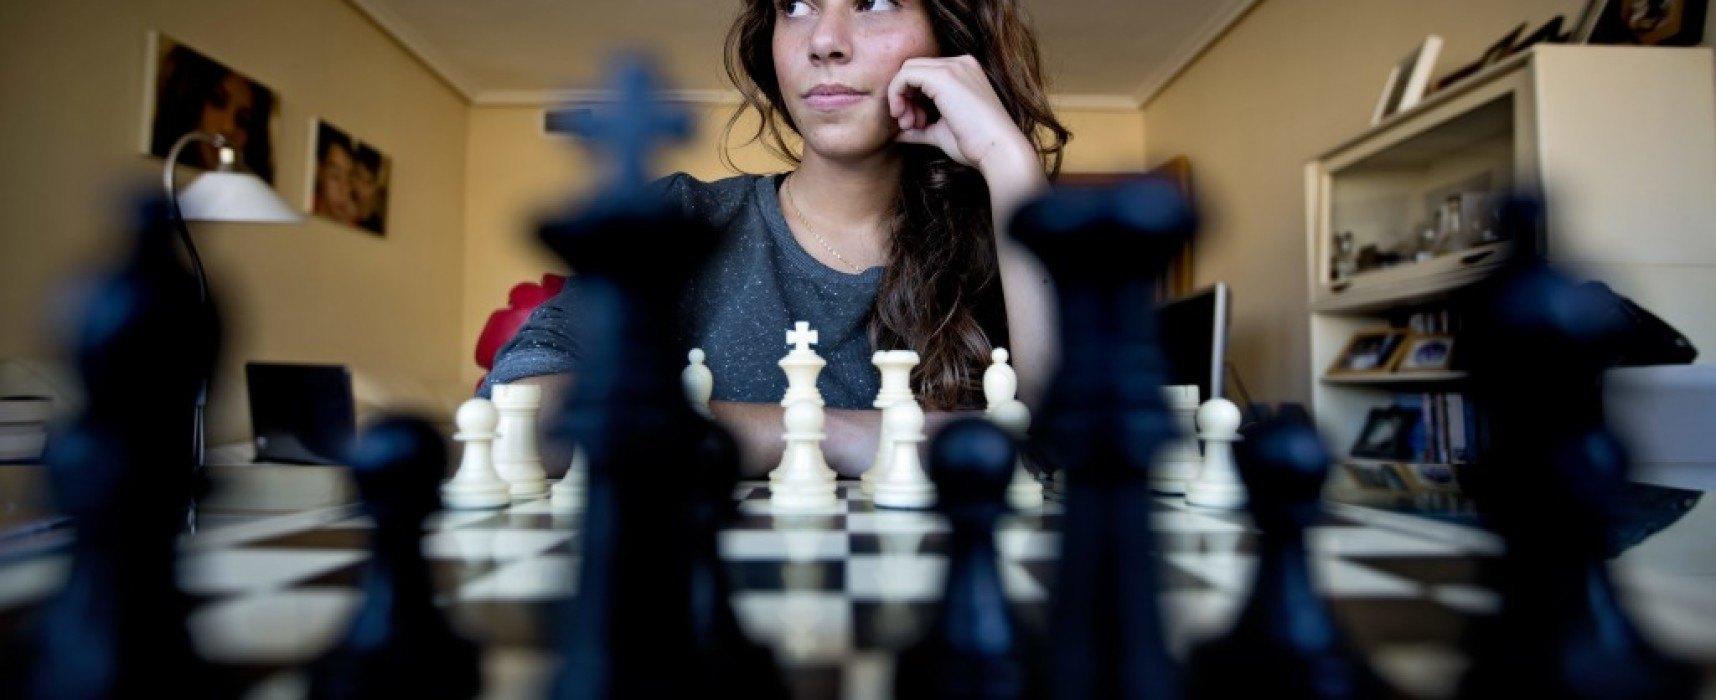 Cap. 11: Irene Nicolás, Sub-Campeona del Mundo sub-16 y el papel de la mujer en el ajedrez